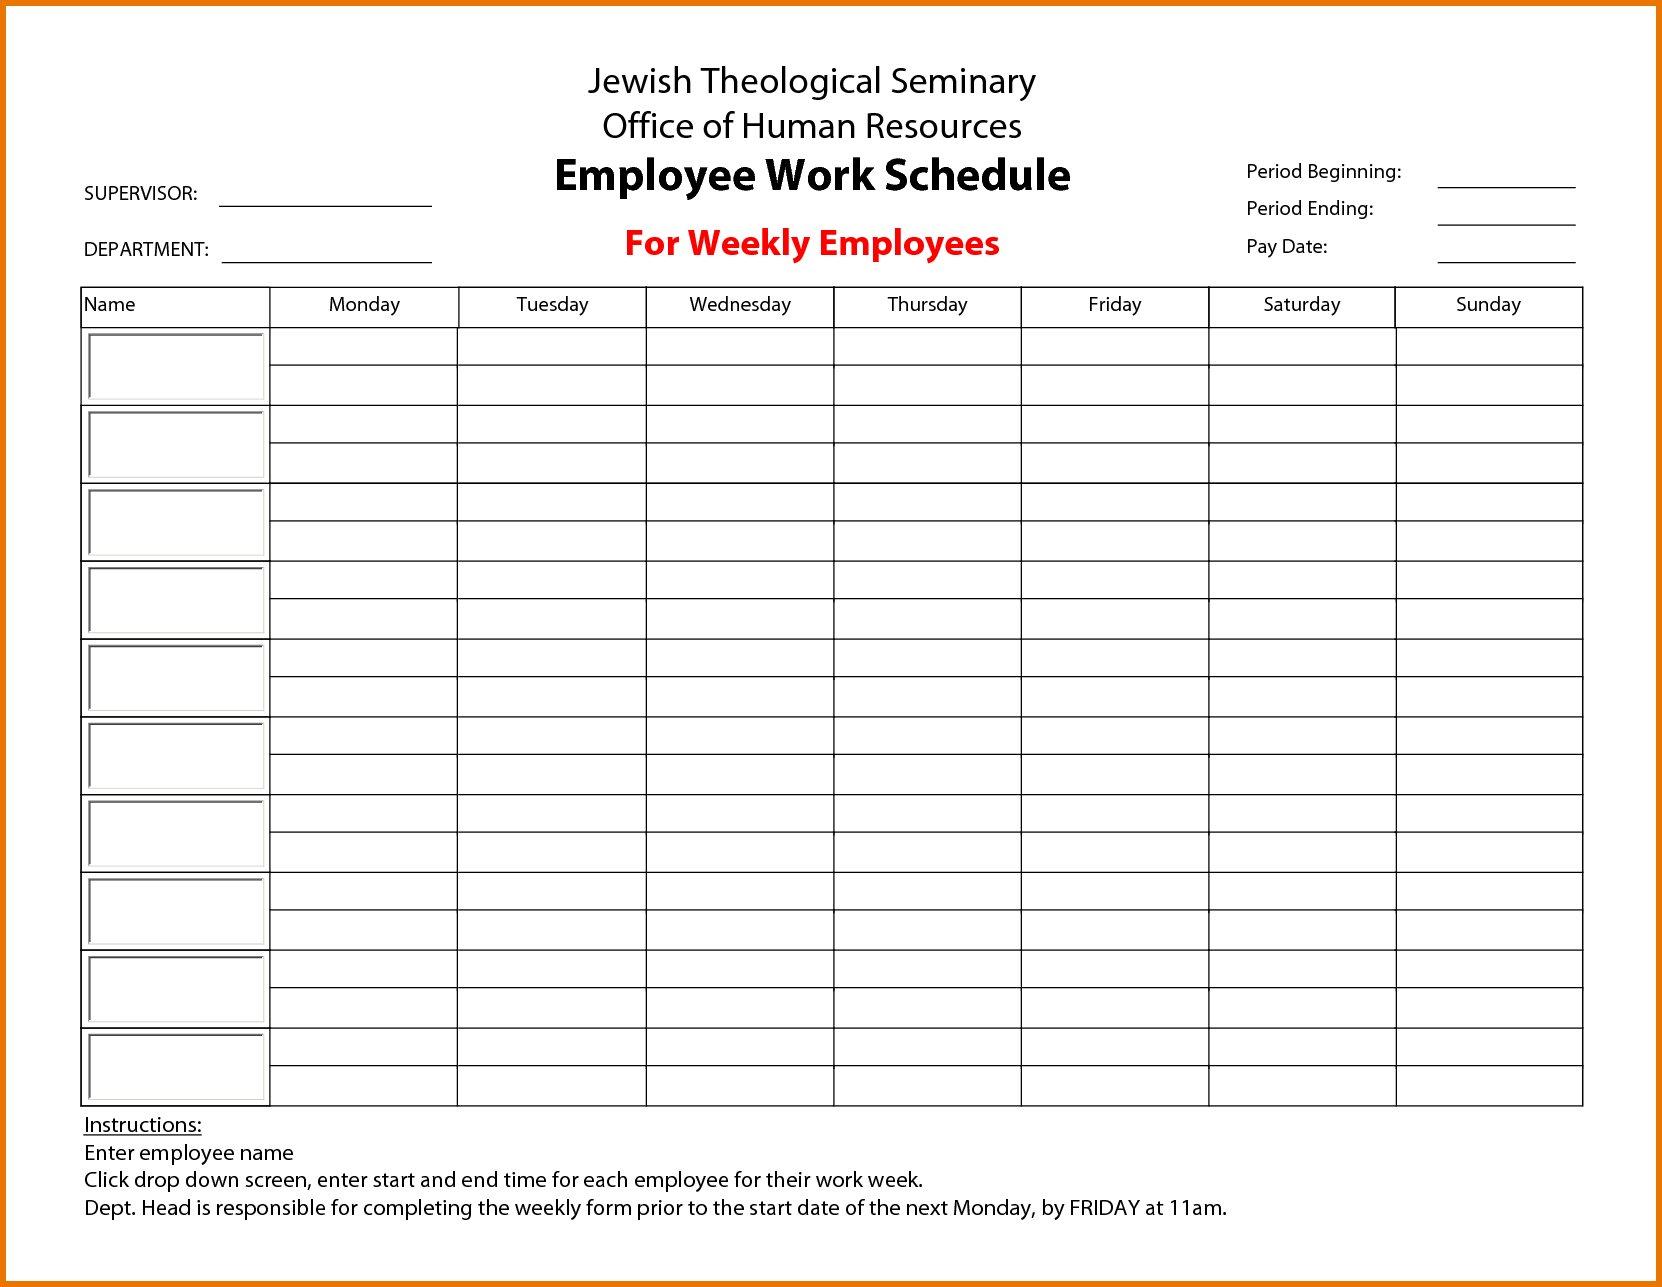 Calendar Employee Schedule Template – Printable Schedule Blank Printabel Daily/Weekly Meeting Schedule